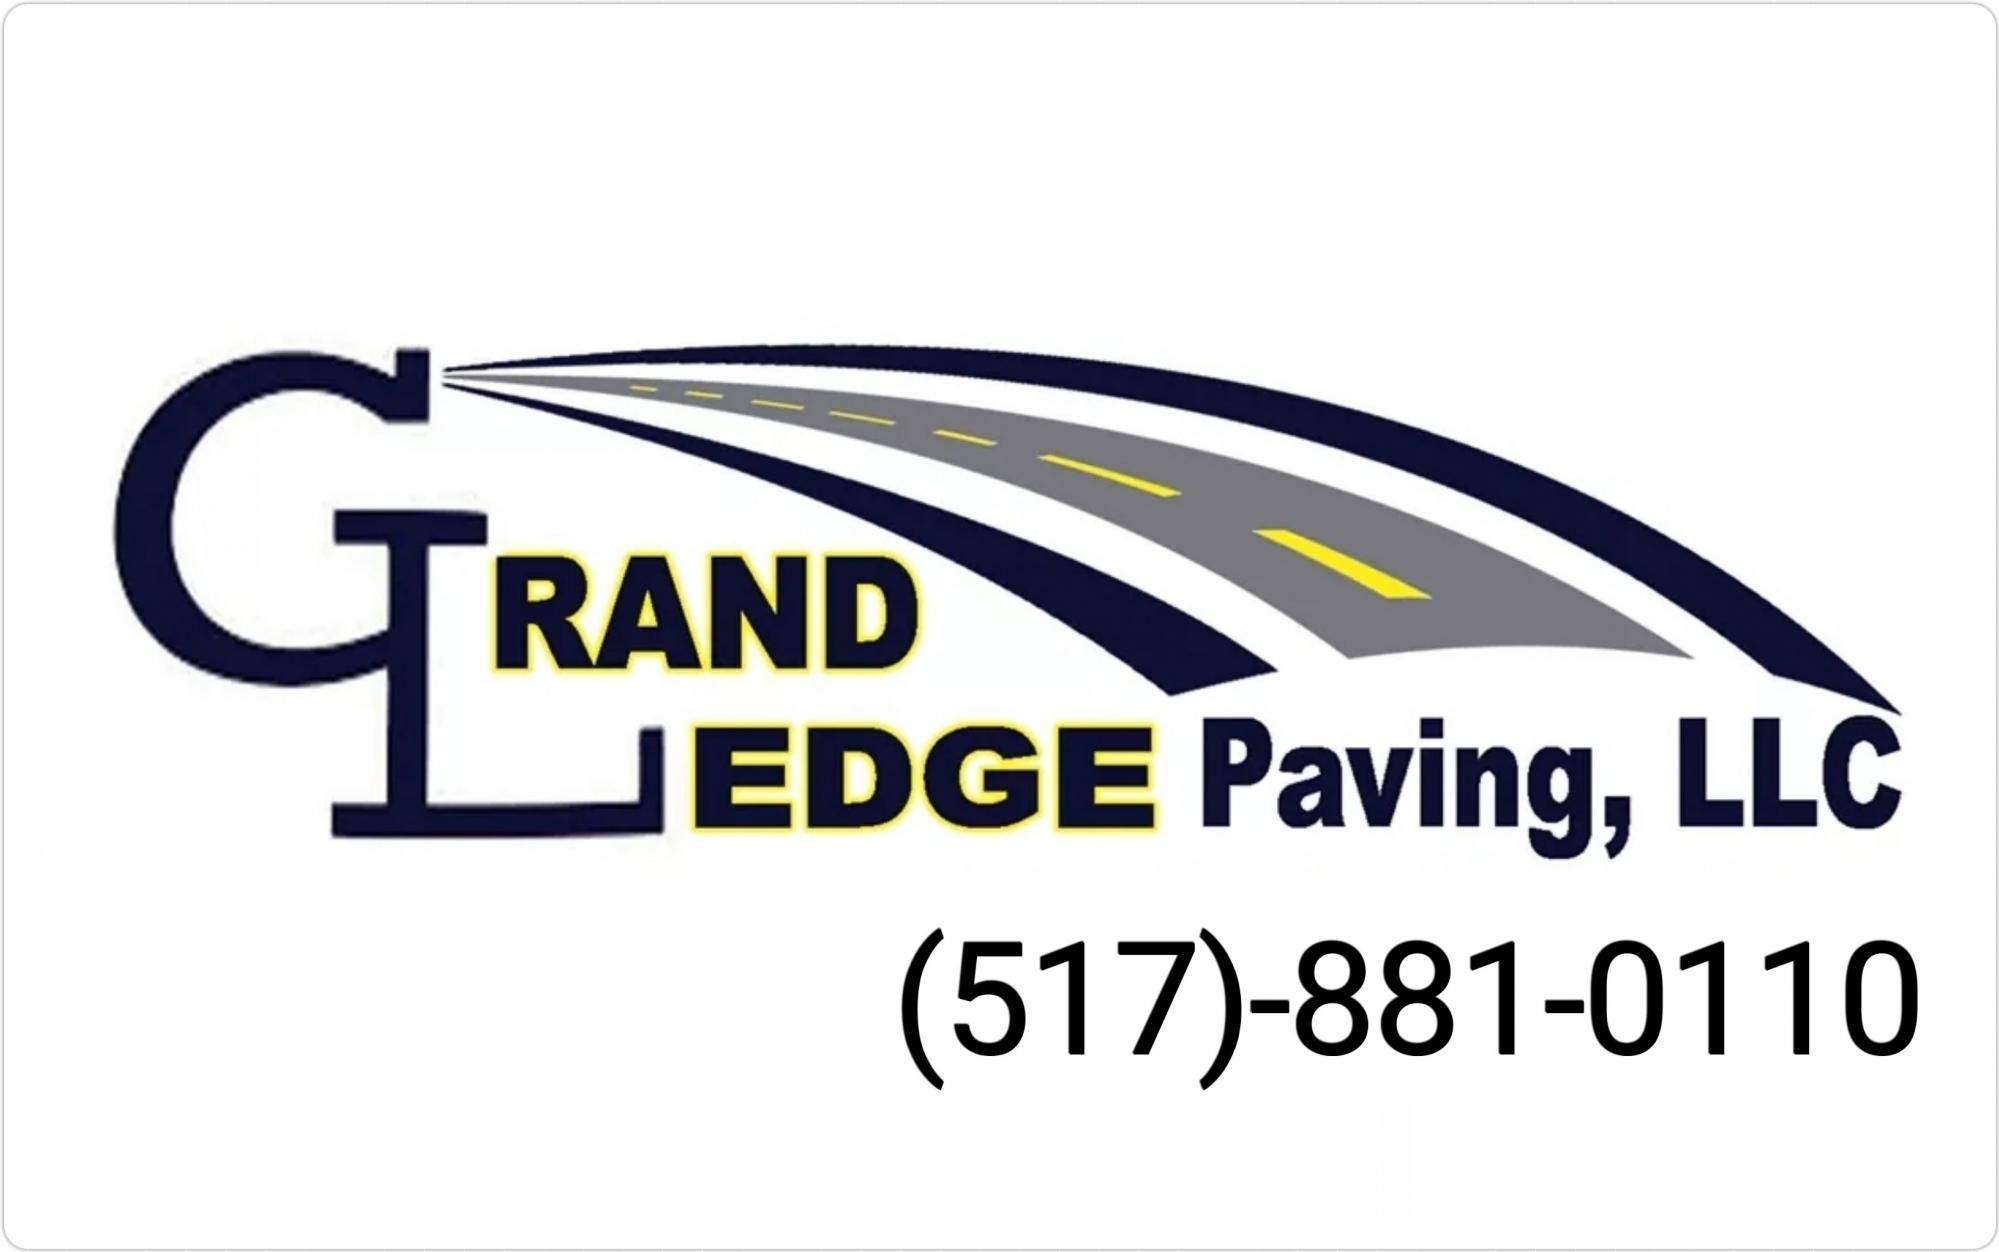 Grand Ledge Paving